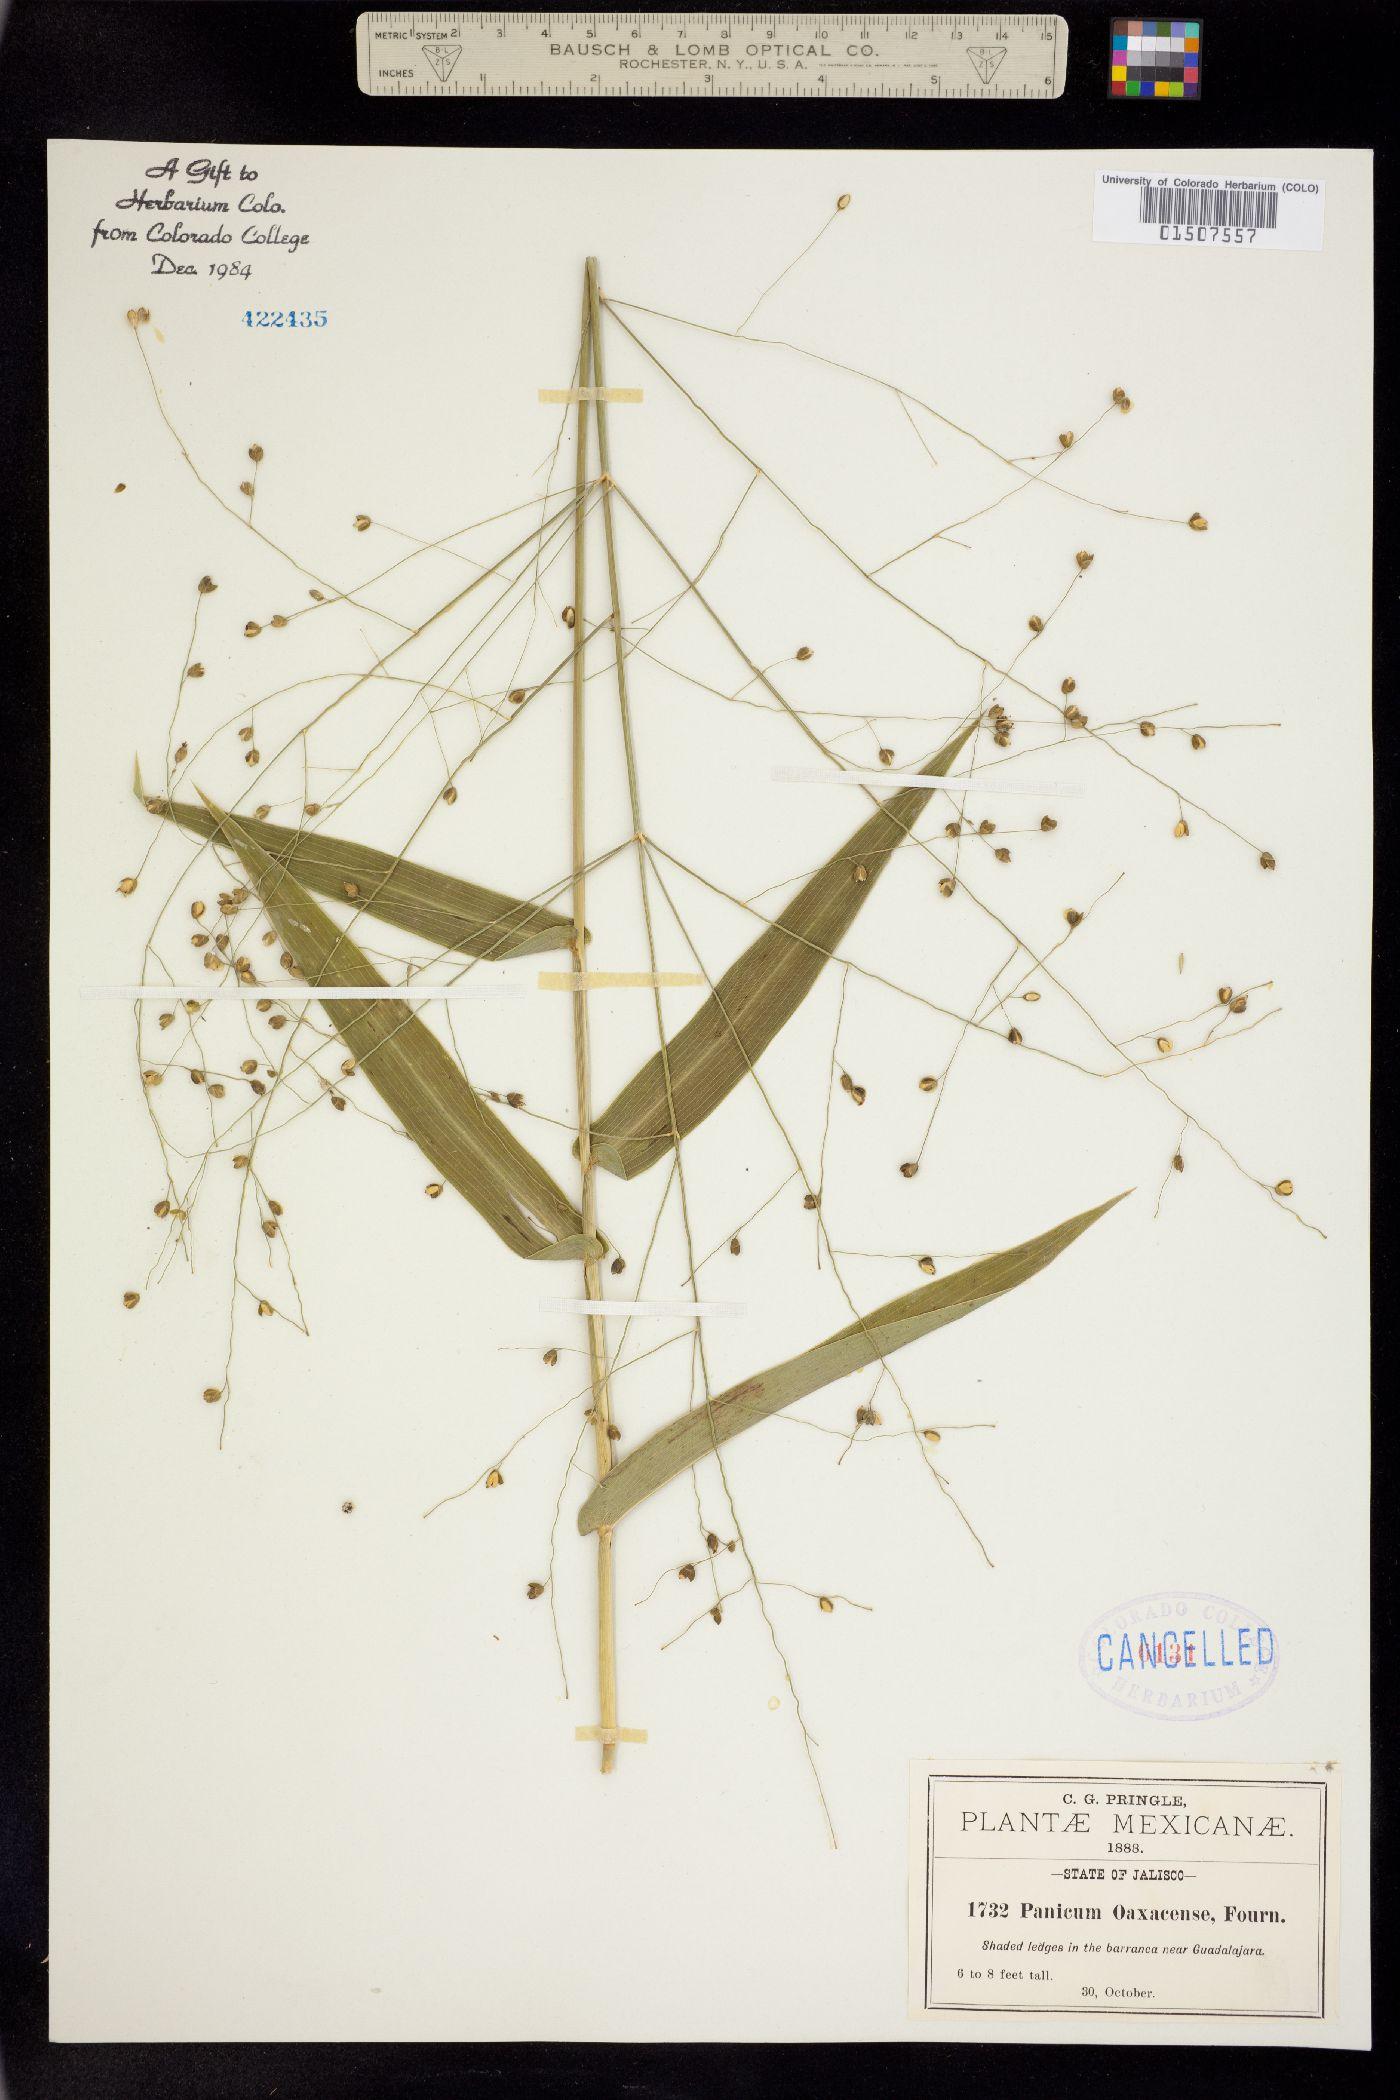 Panicum oaxacense image